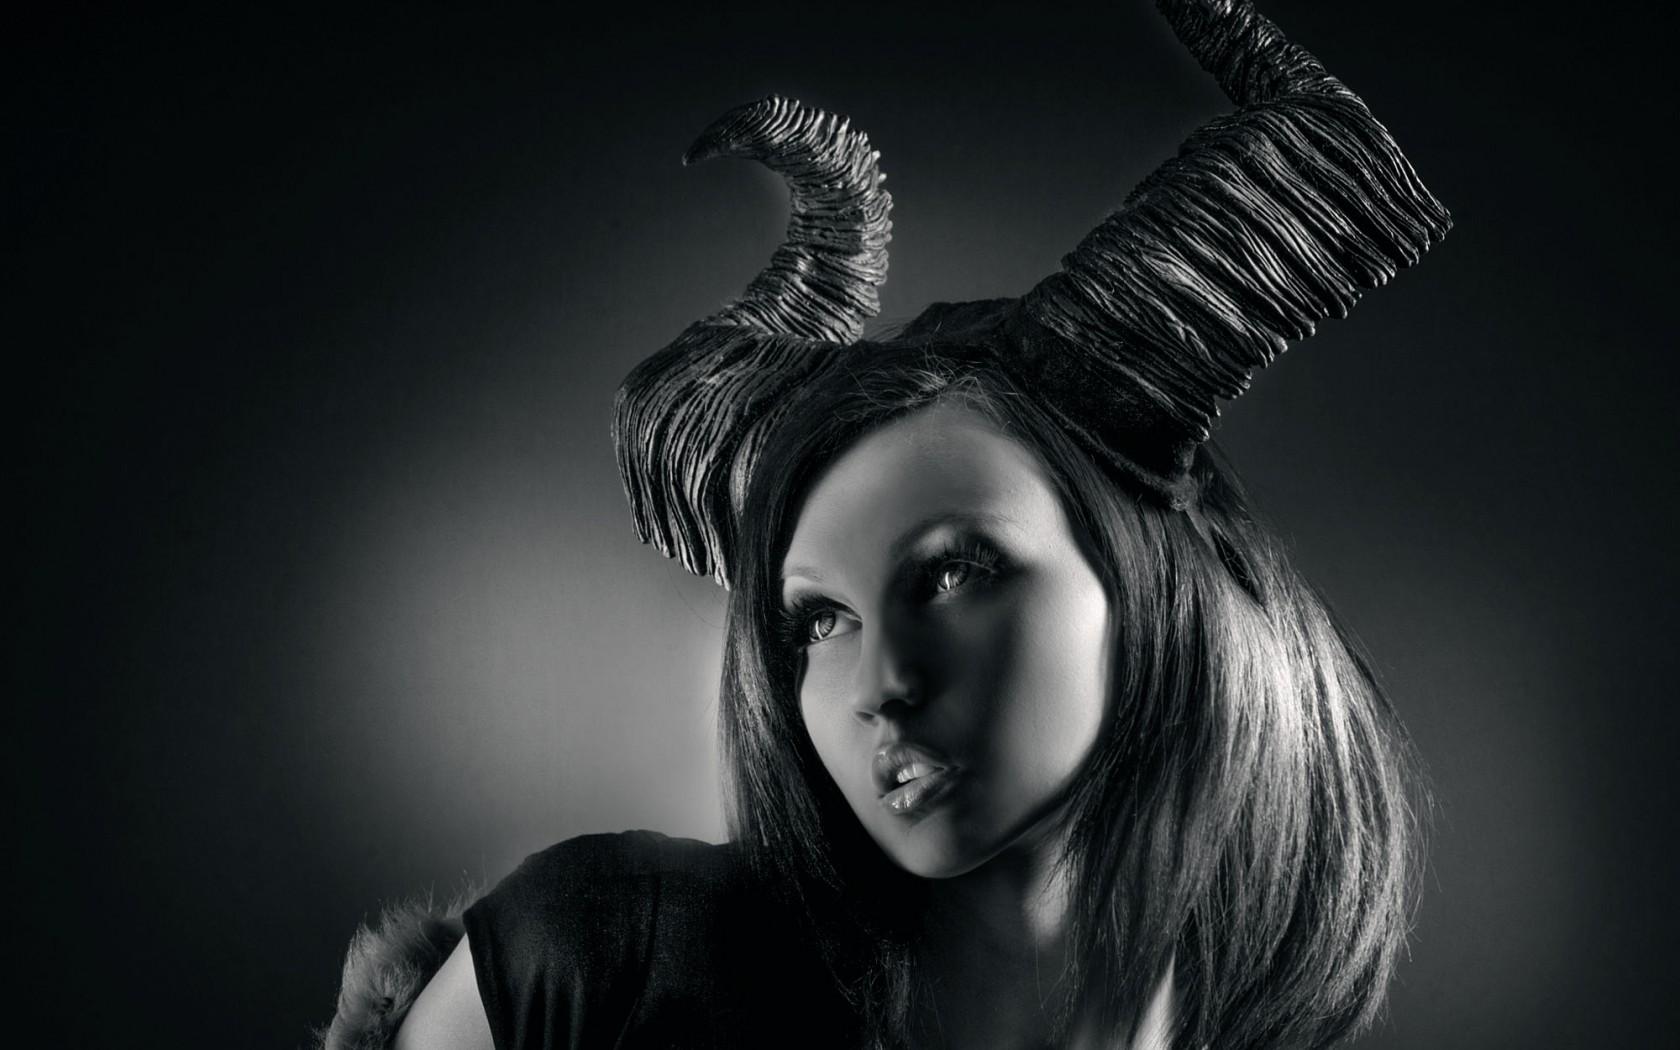 Картинки женщин дьяволиц